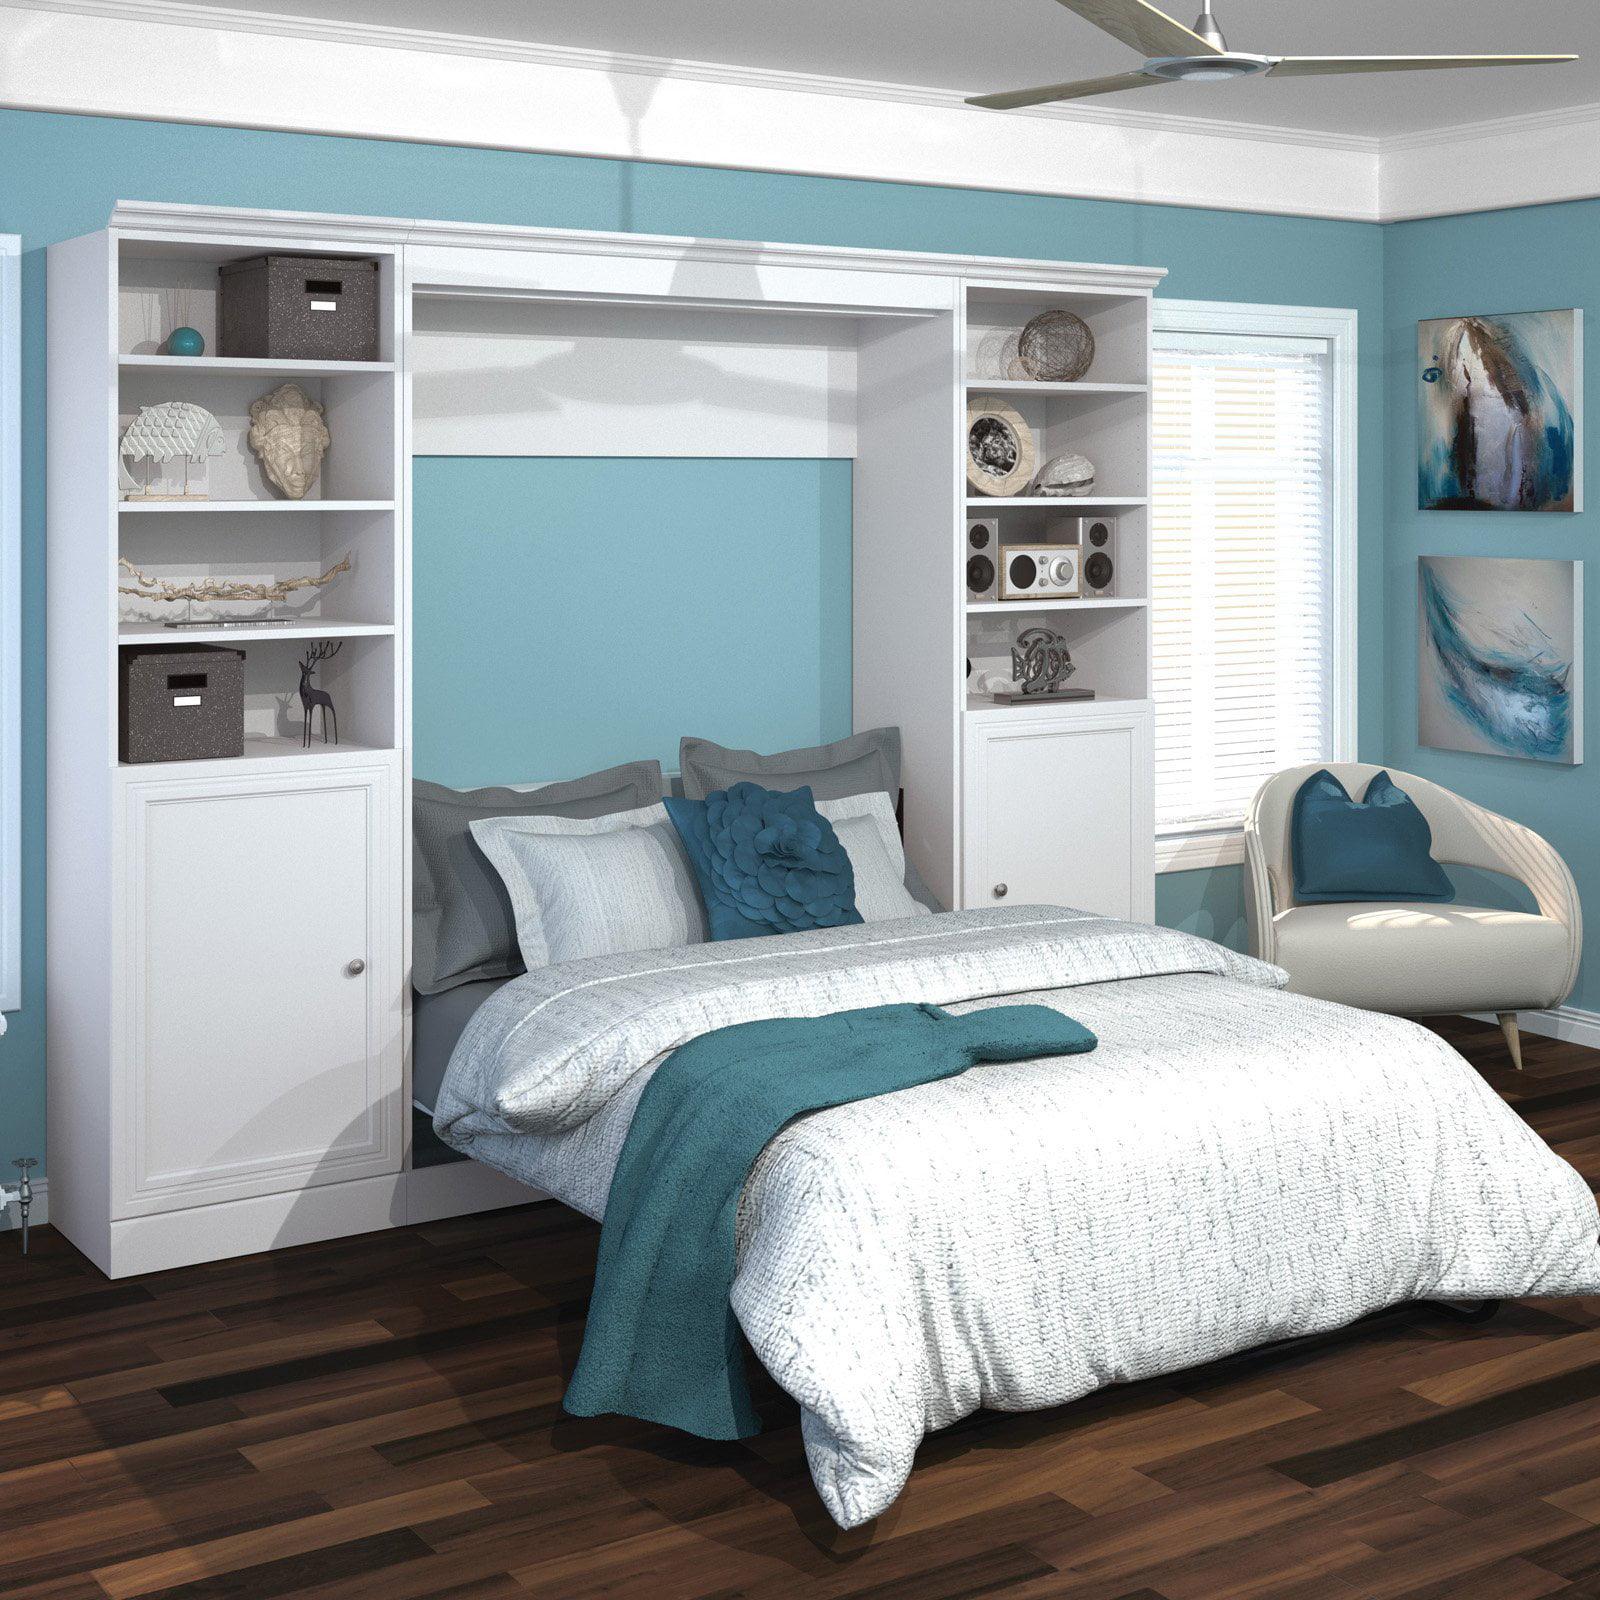 Versatile by Bestar 109'' Full Wall bed kit in White